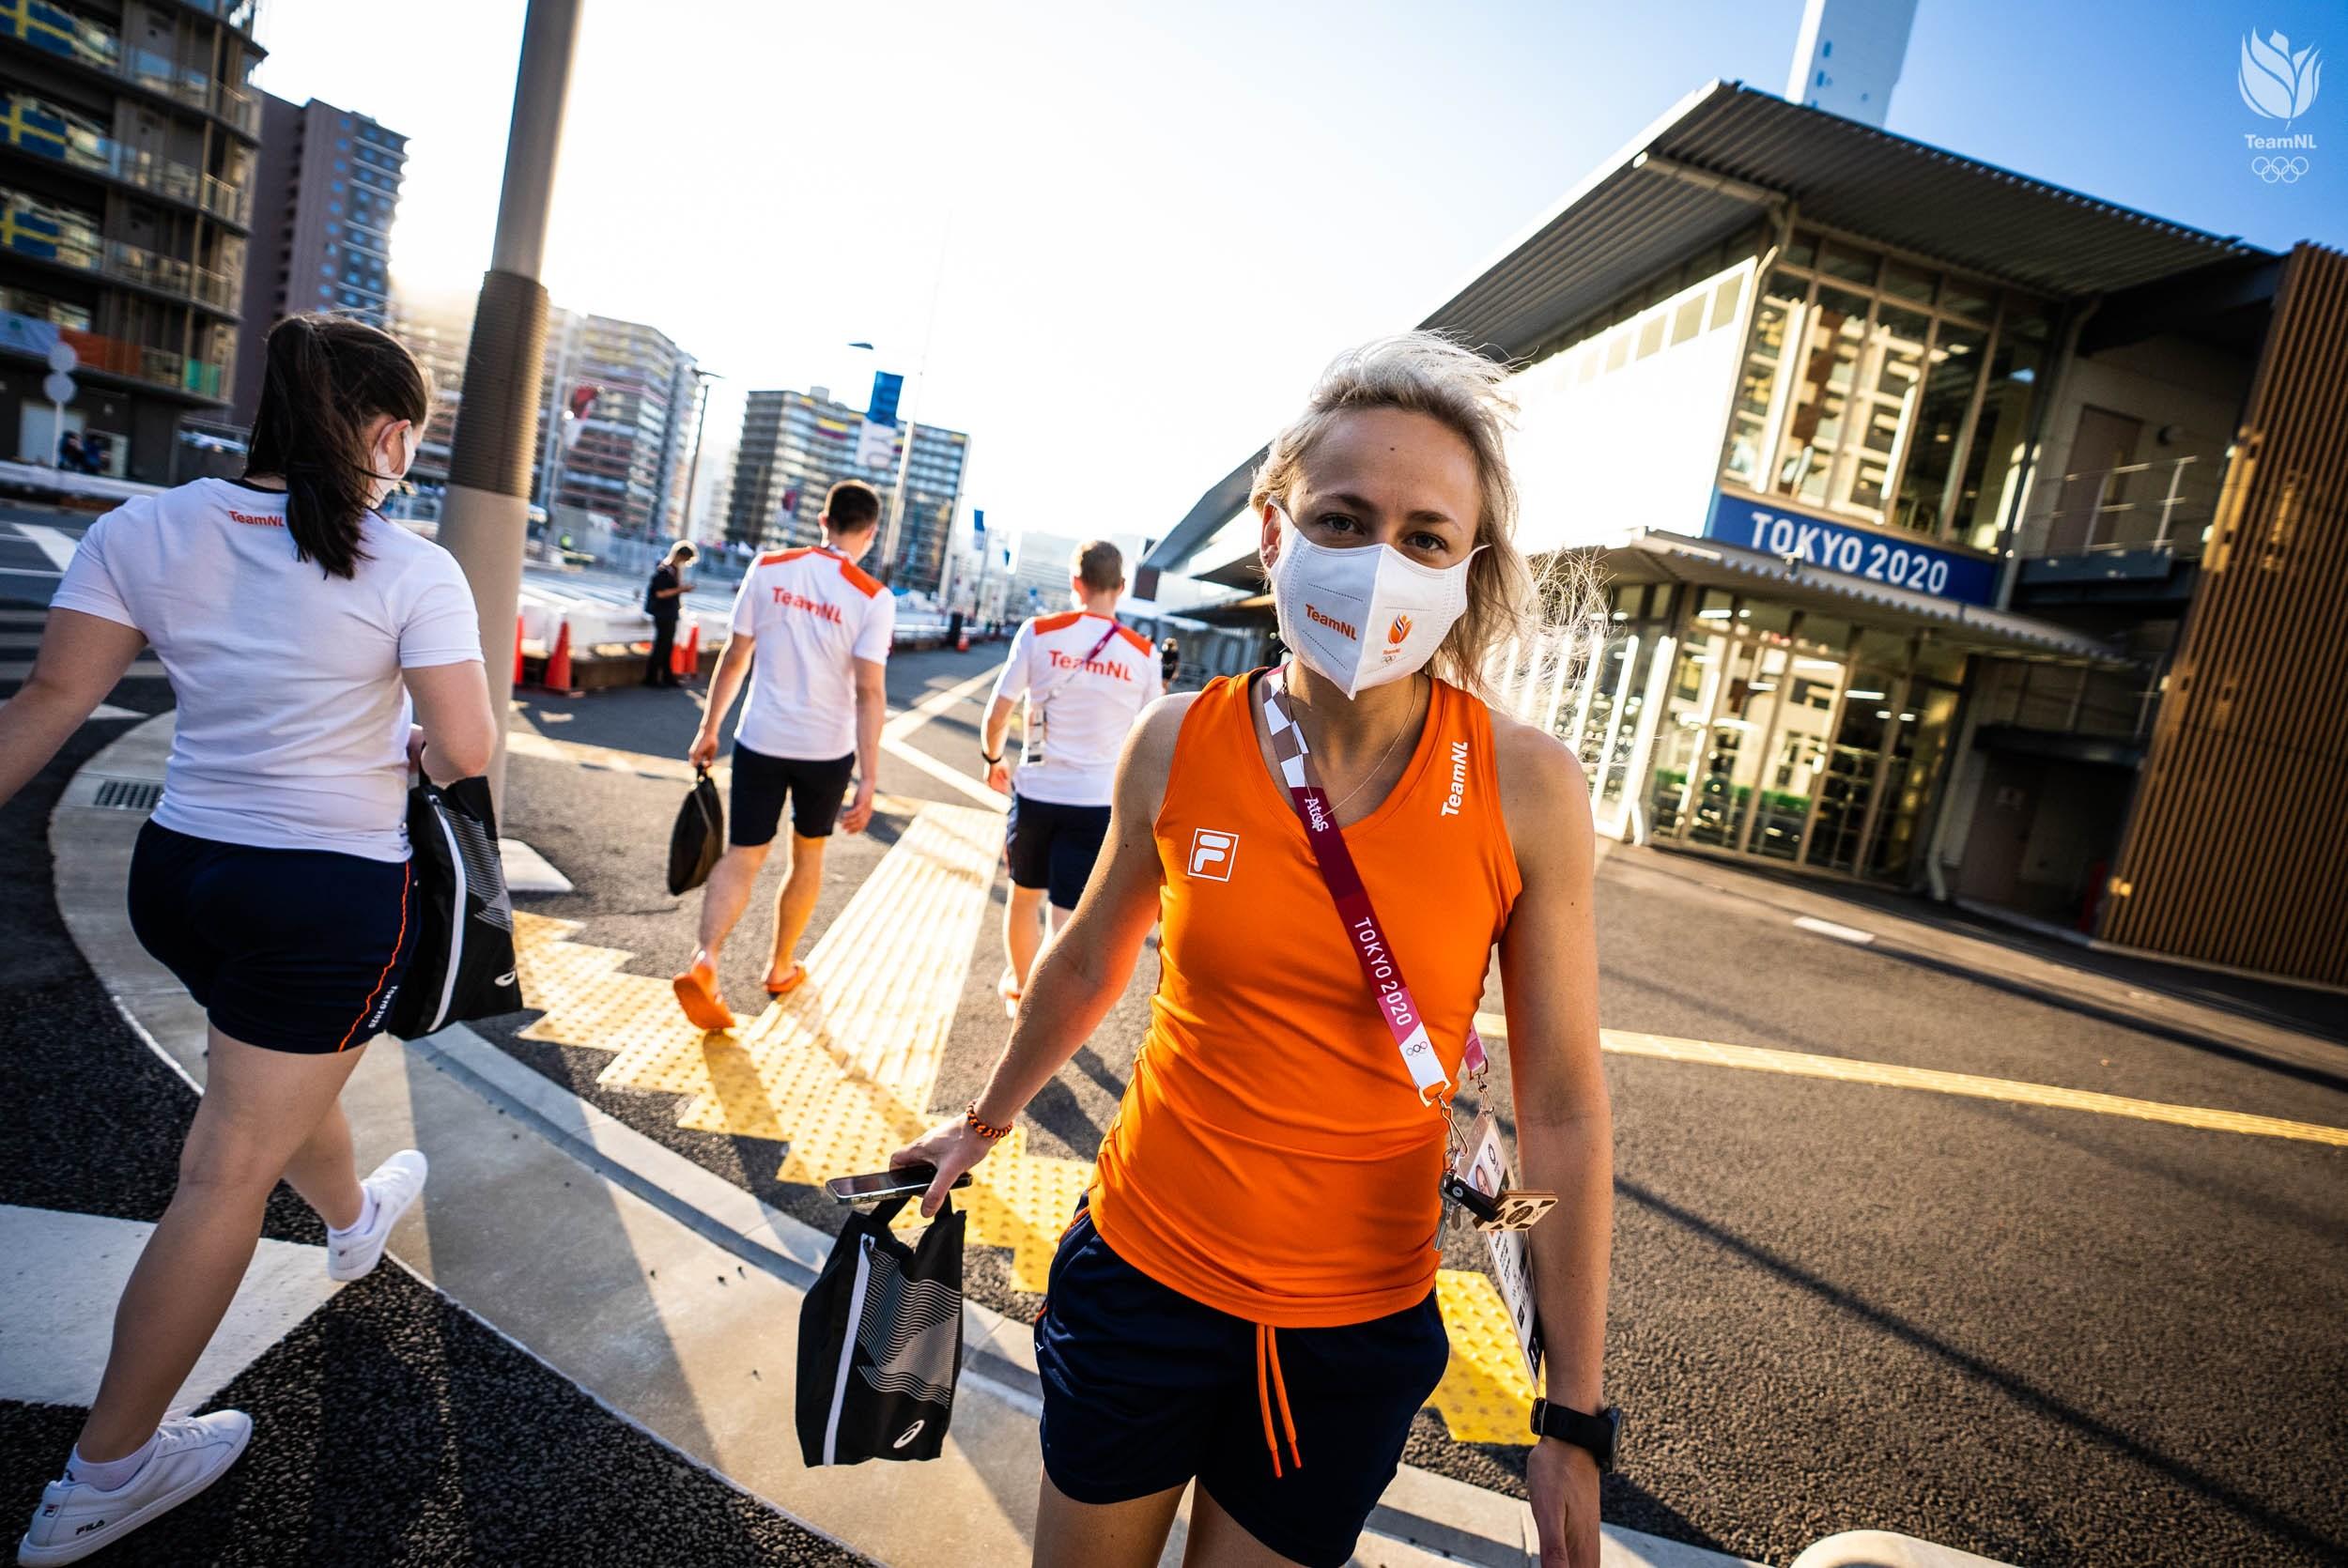 De reis naar Tokio en een kijkje in het olympisch dorp | Inside Tokio #1